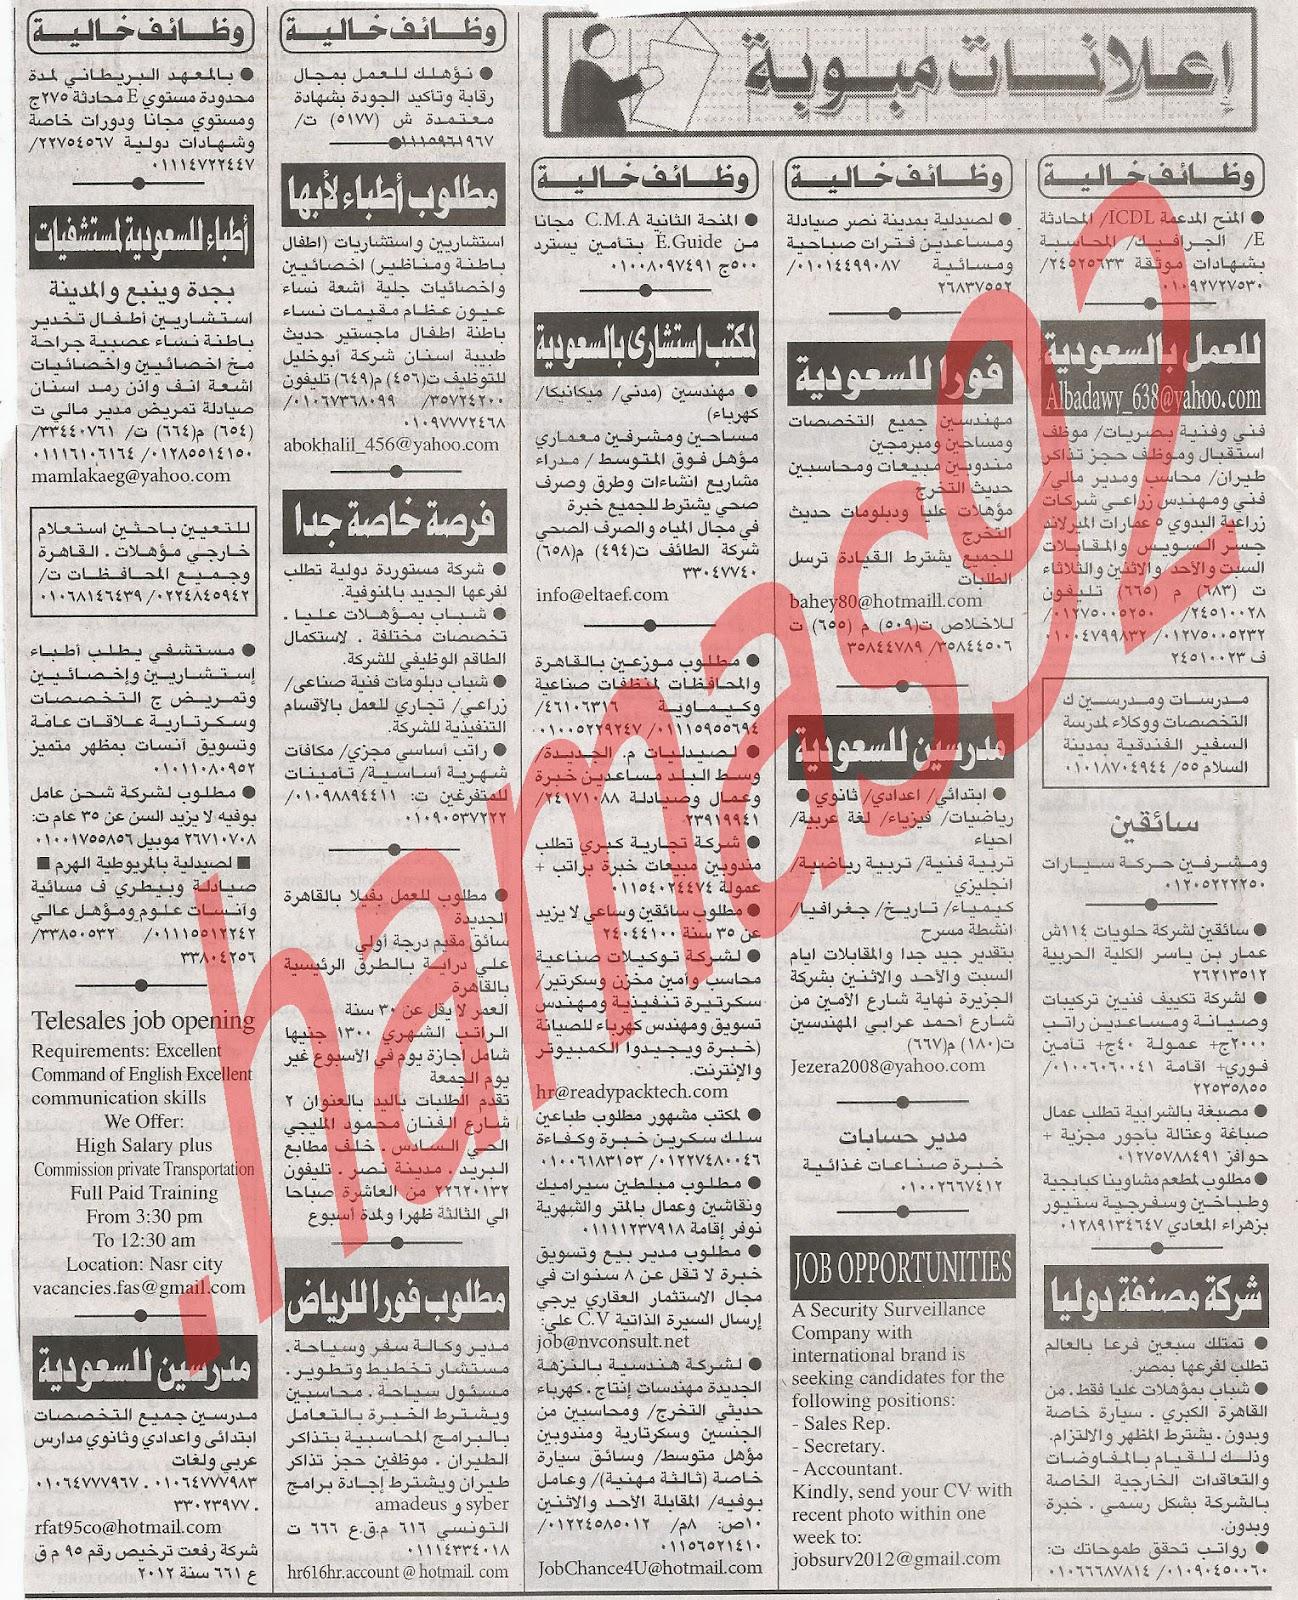 اعلانات وظائف جريدة الاهرام الجمعة 13/7/2012 كاملة - الاهرام الاسبوعى 8